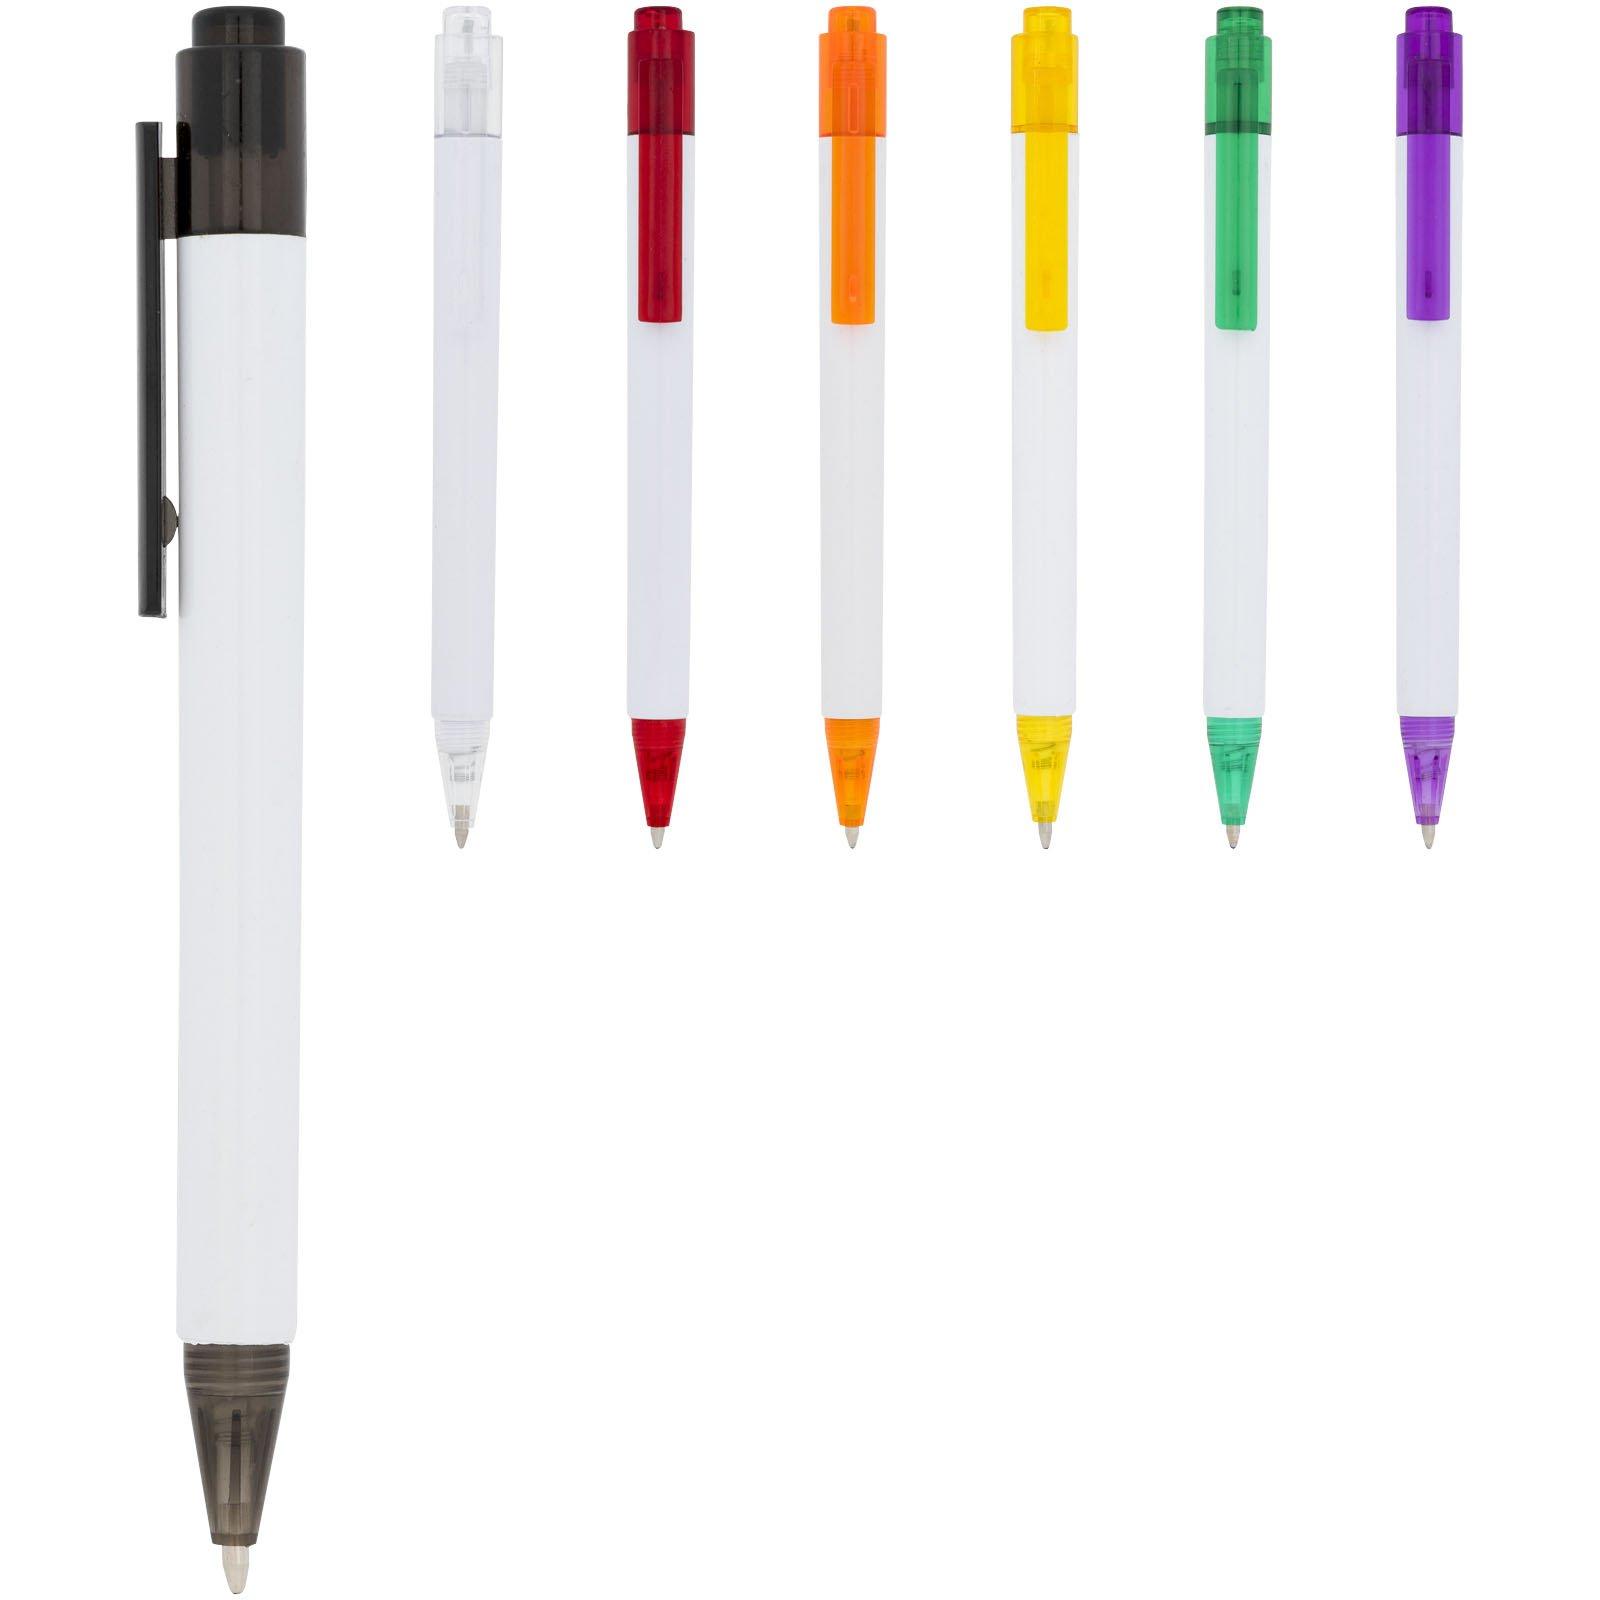 Bullet Calypso ballpoint pen